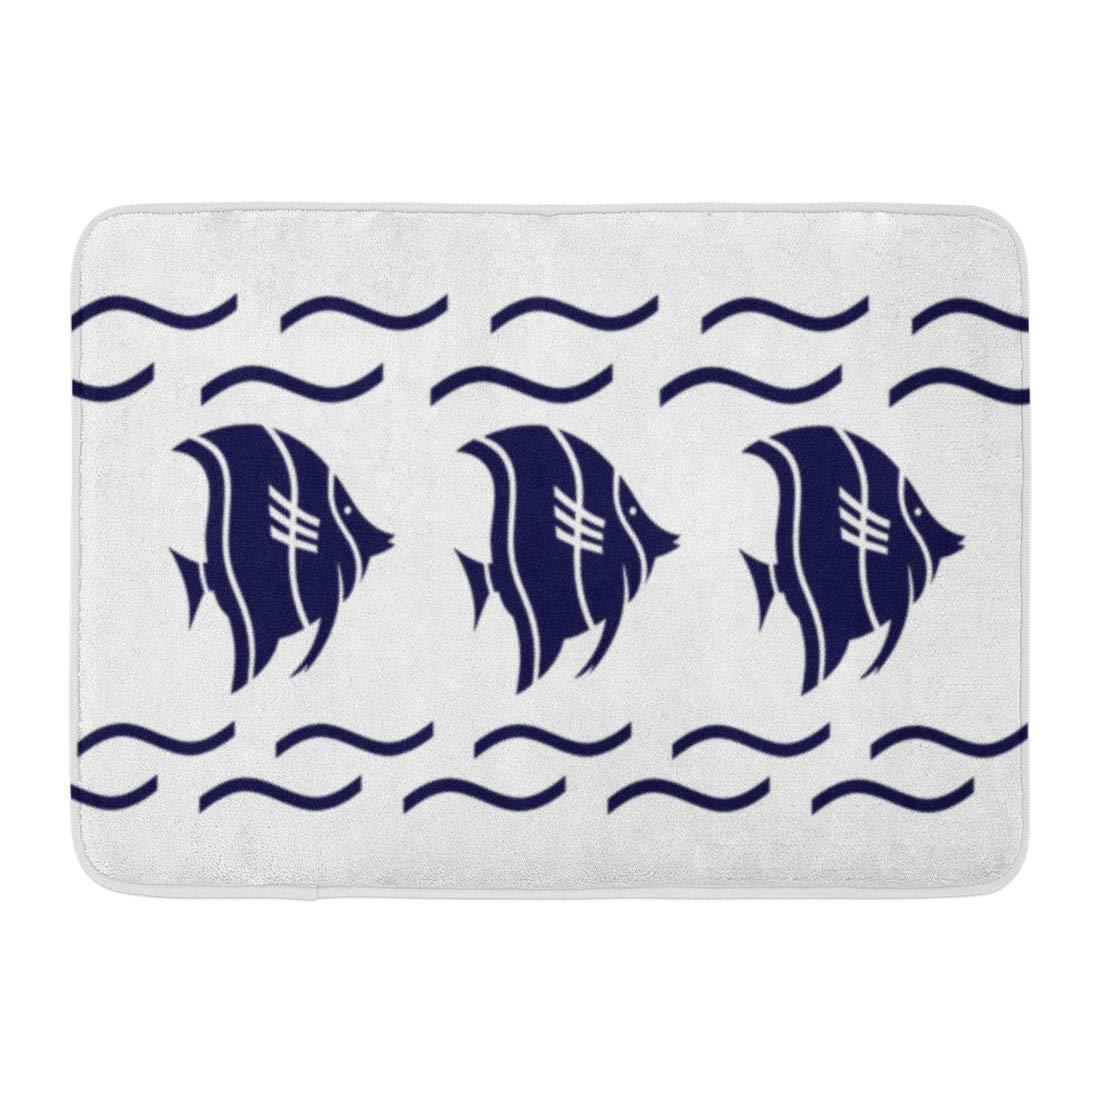 Soefipok Tapis de Bain Rayures dancrage de Plage sur Tapis de Salle de Bain Bleu Marine